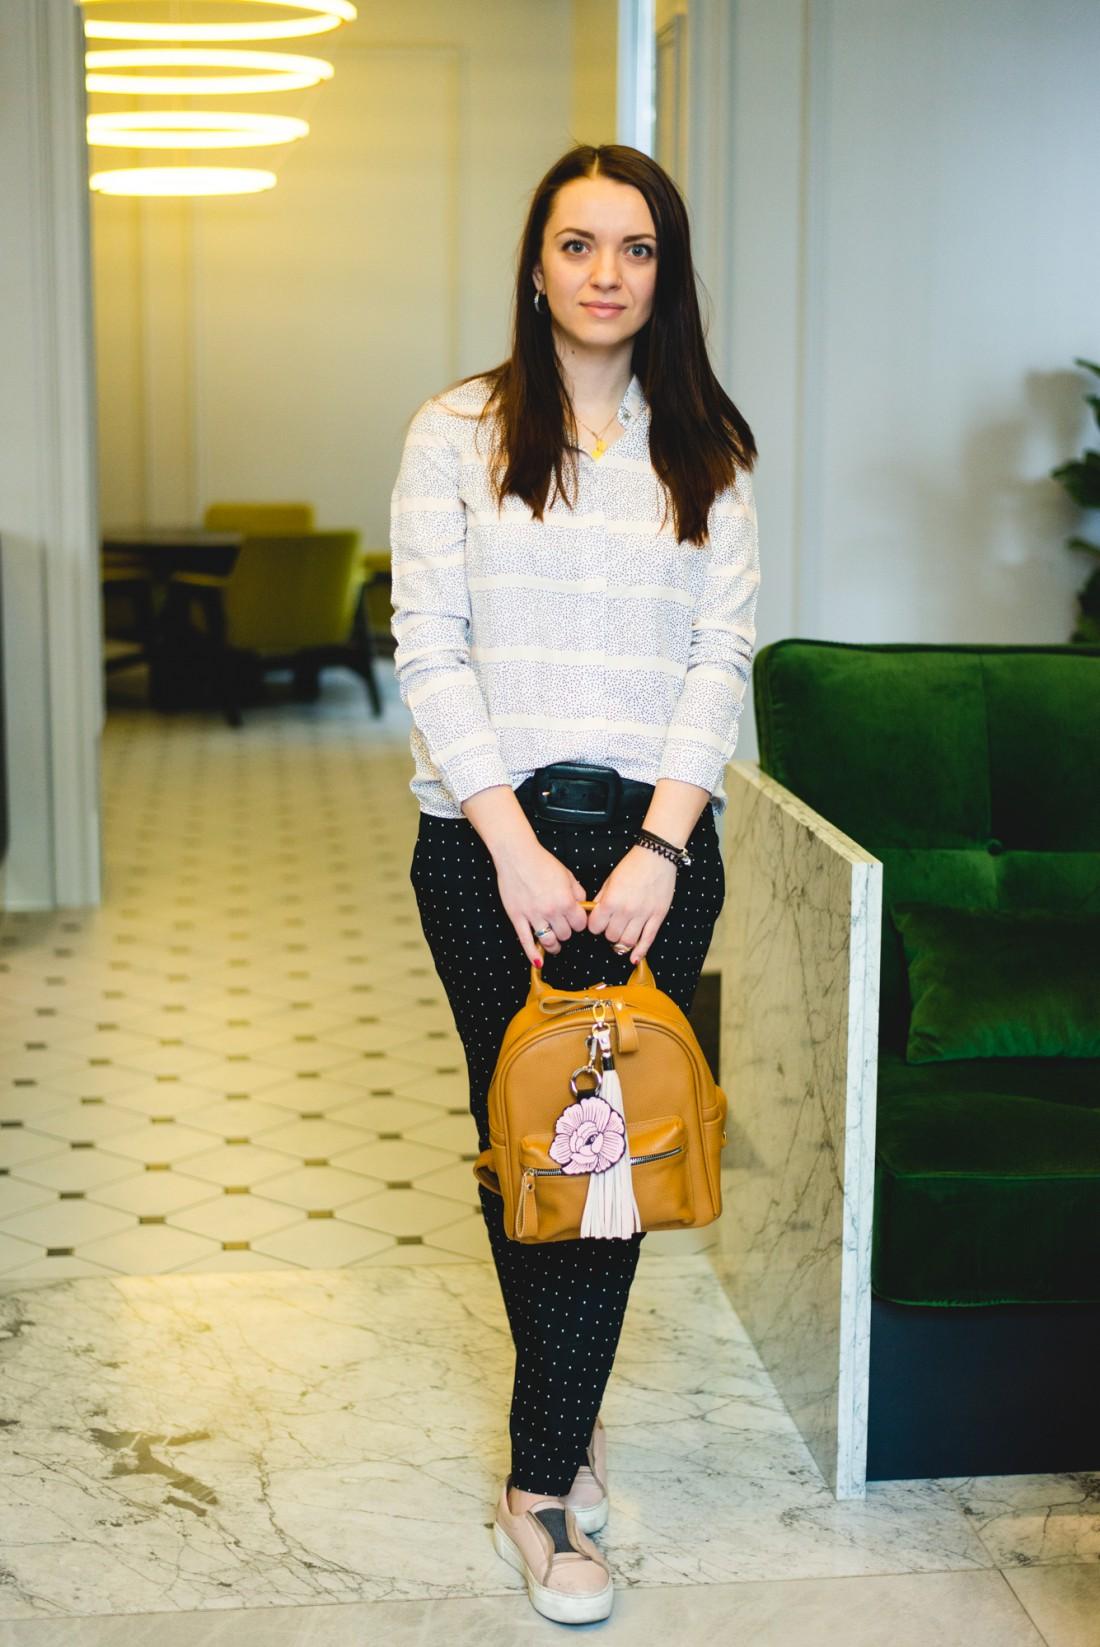 Даша Озерянко, дизайнер и основатель бренда Ozerianko Bags